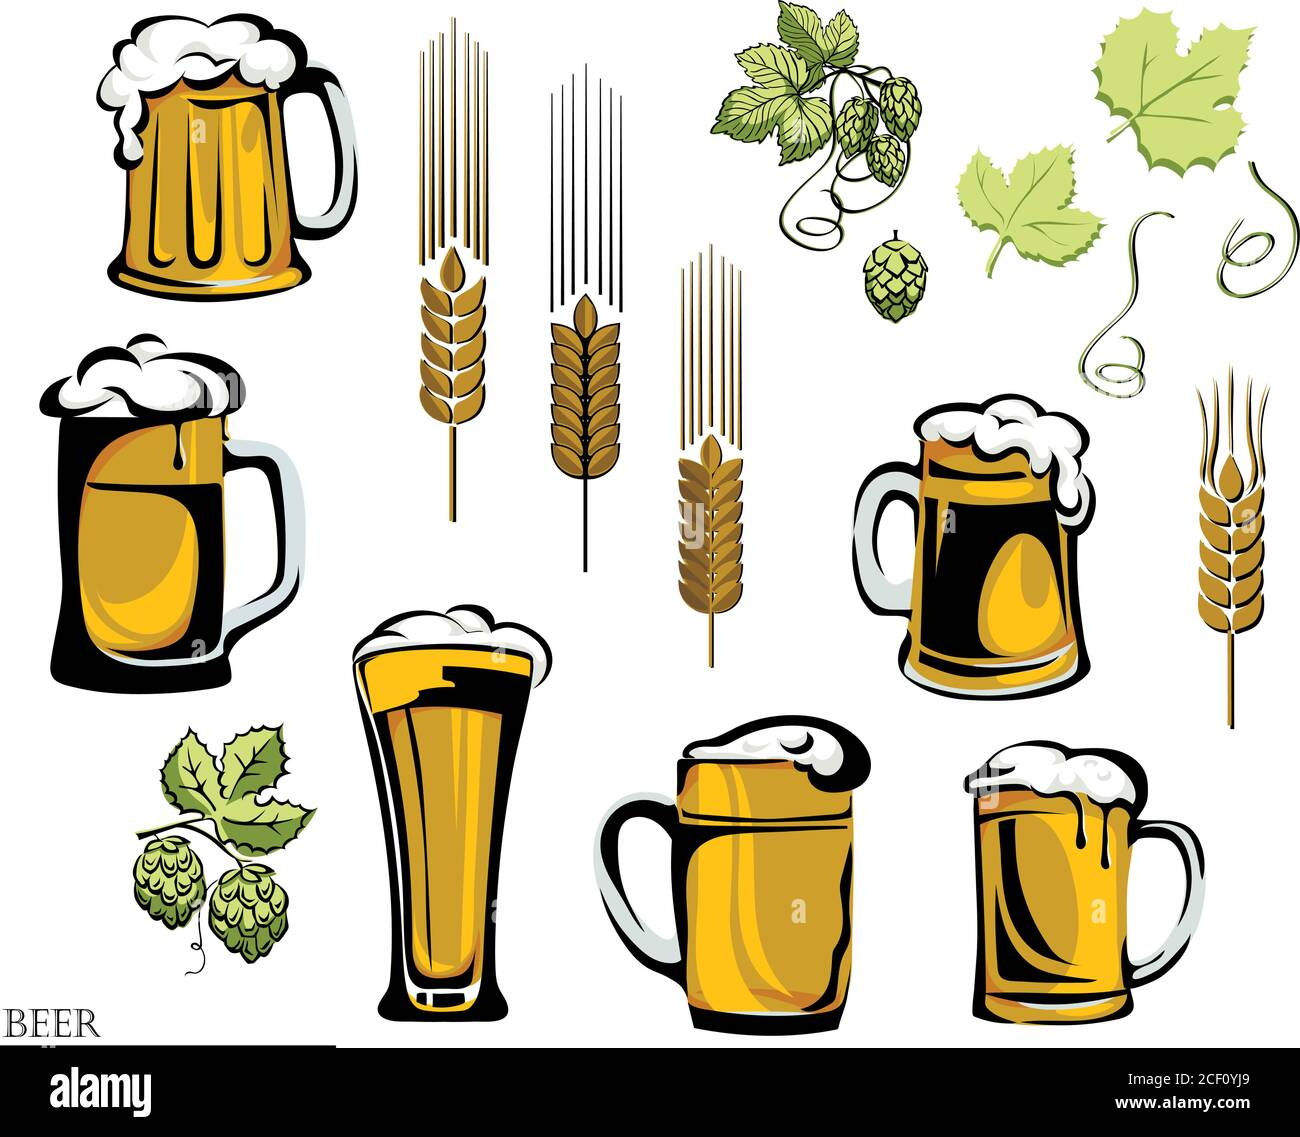 Beer Beer Mug Logo Hop Vector Illustration Elements Of Graphic Registration Stock Vector Image Art Alamy